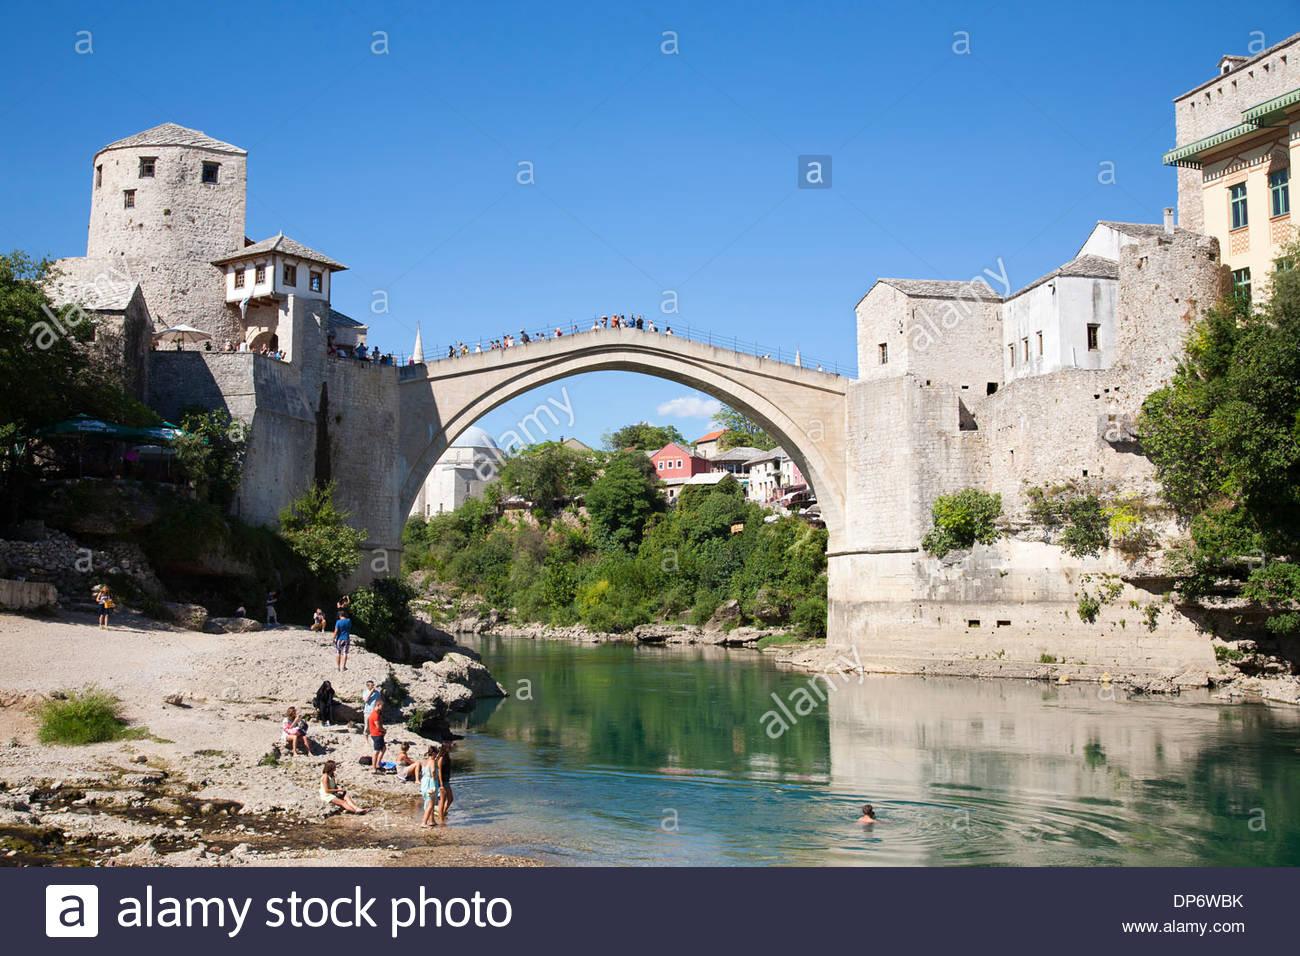 the old bridge,mostar,bosnia and herzegovina,europe - Stock Image